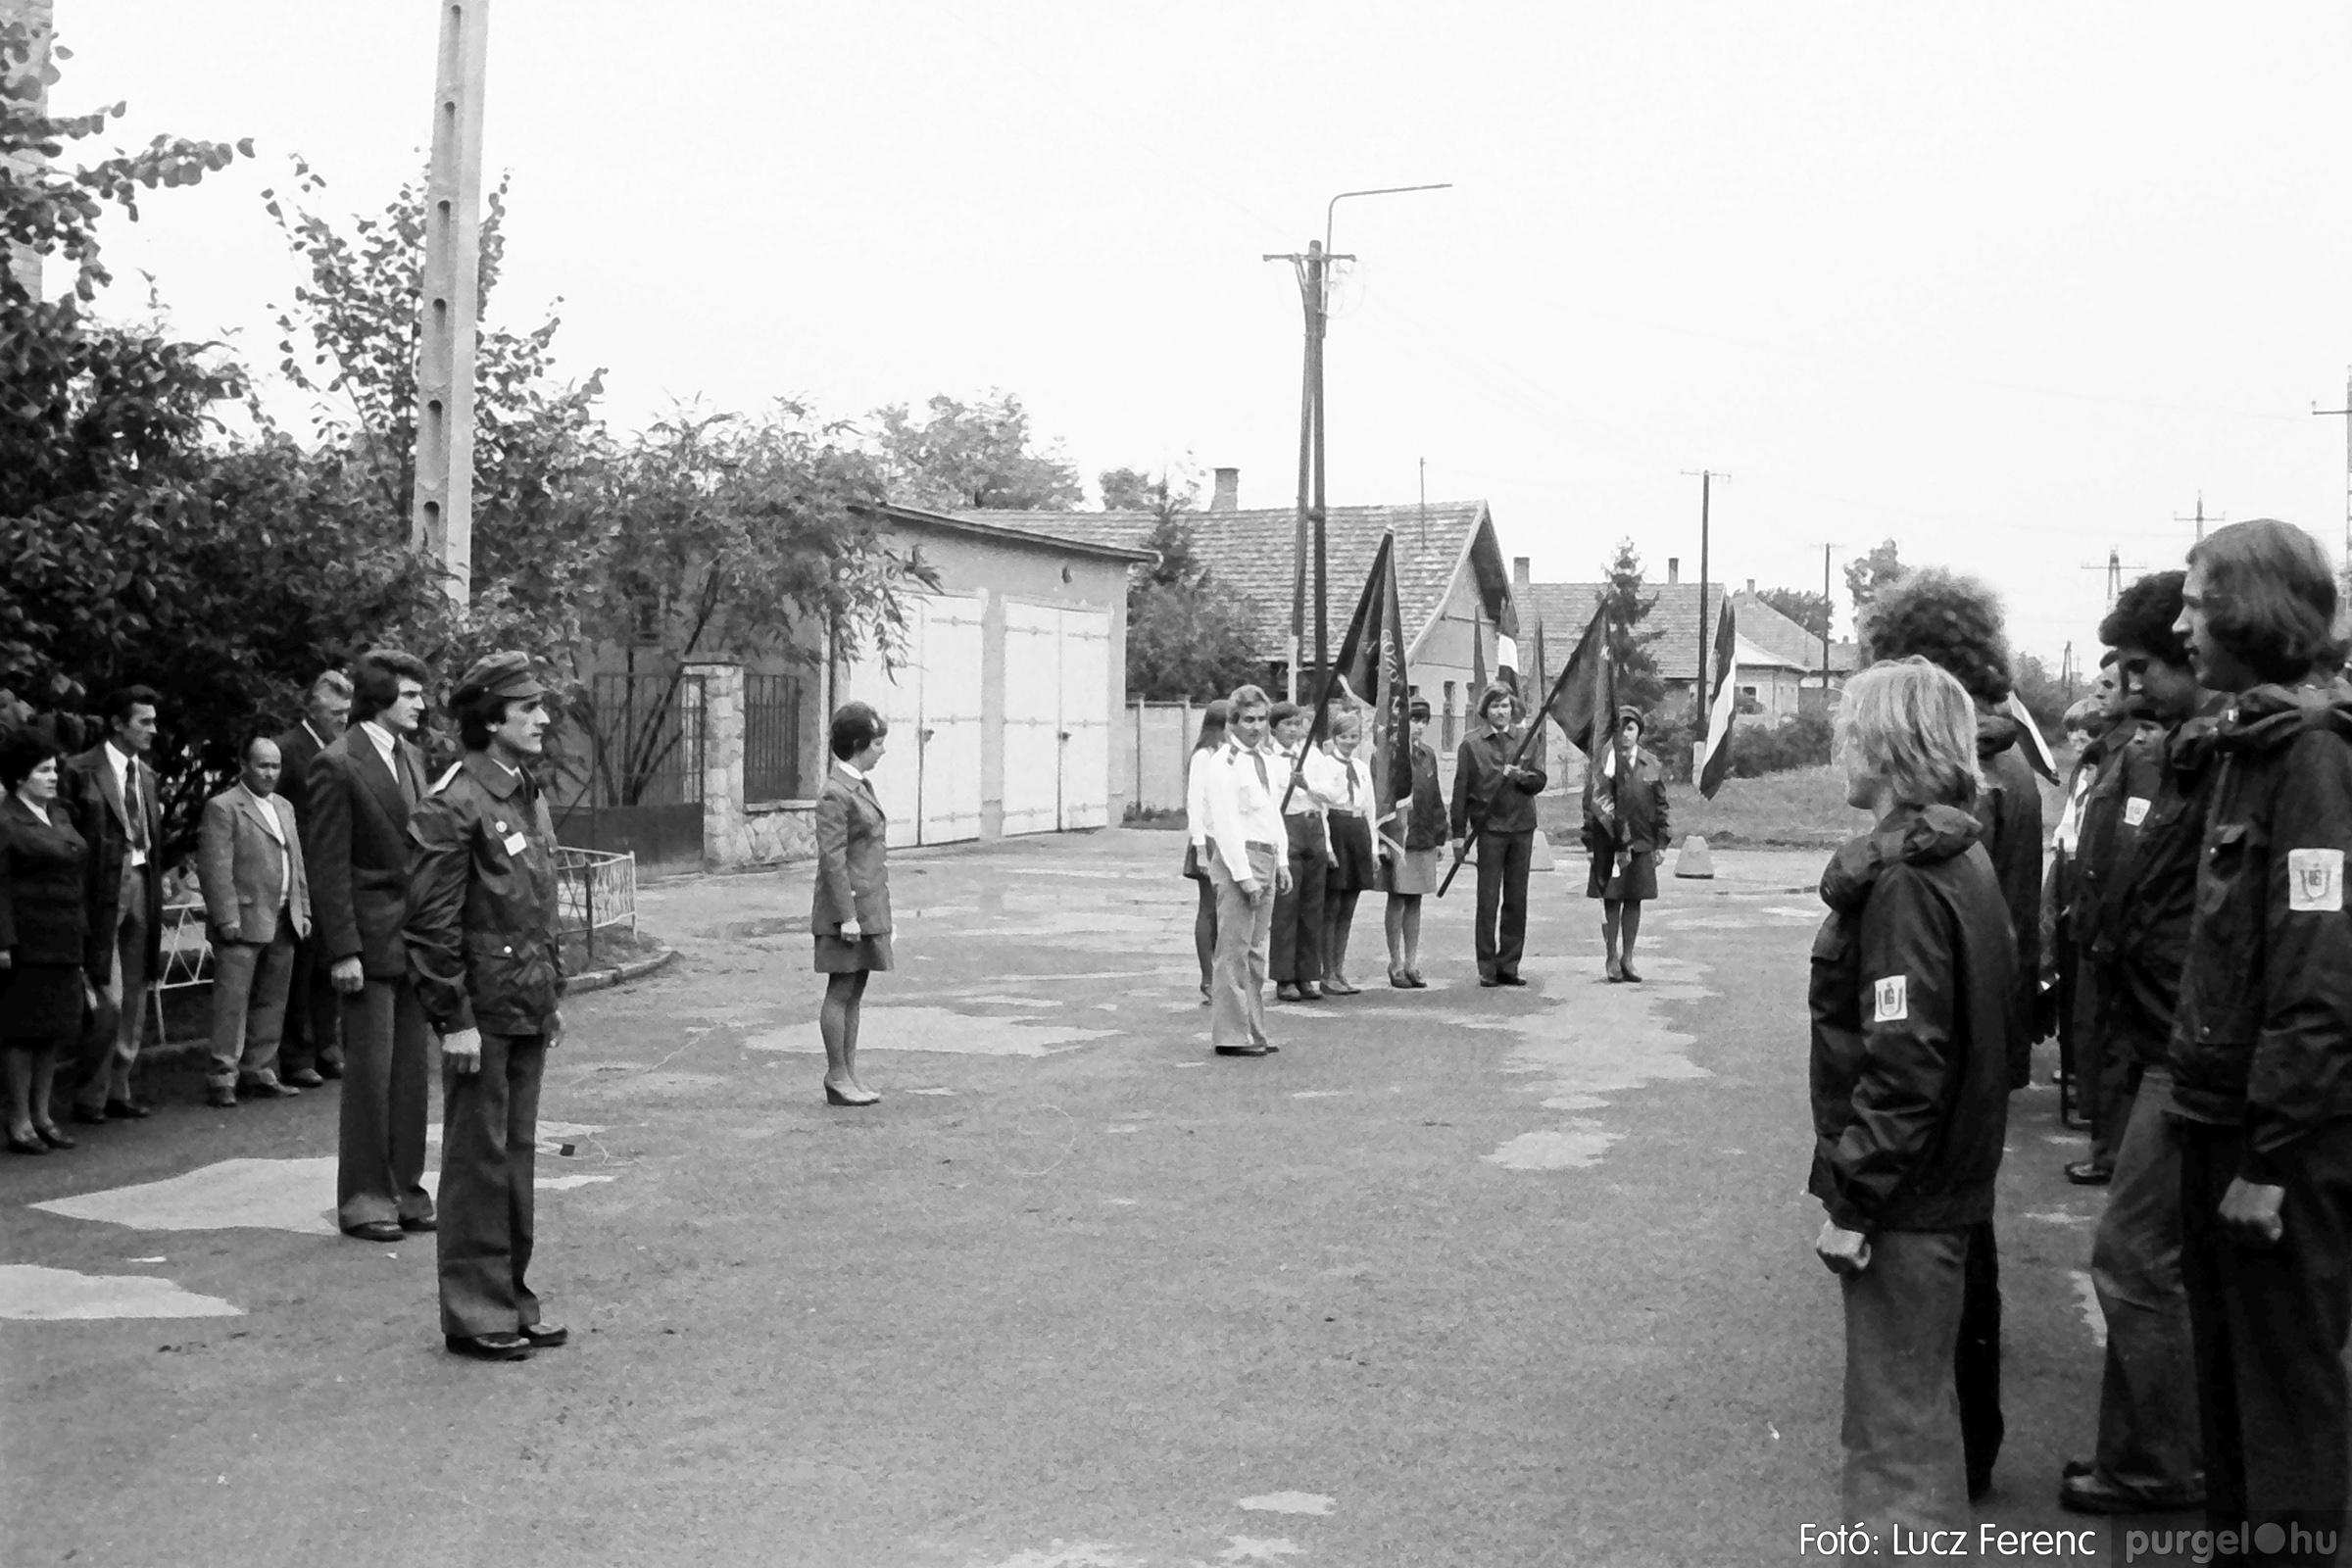 090. 1977. Úttörő gárda - ifjú gárda seregszemle 015. - Fotó: Lucz Ferenc.jpg